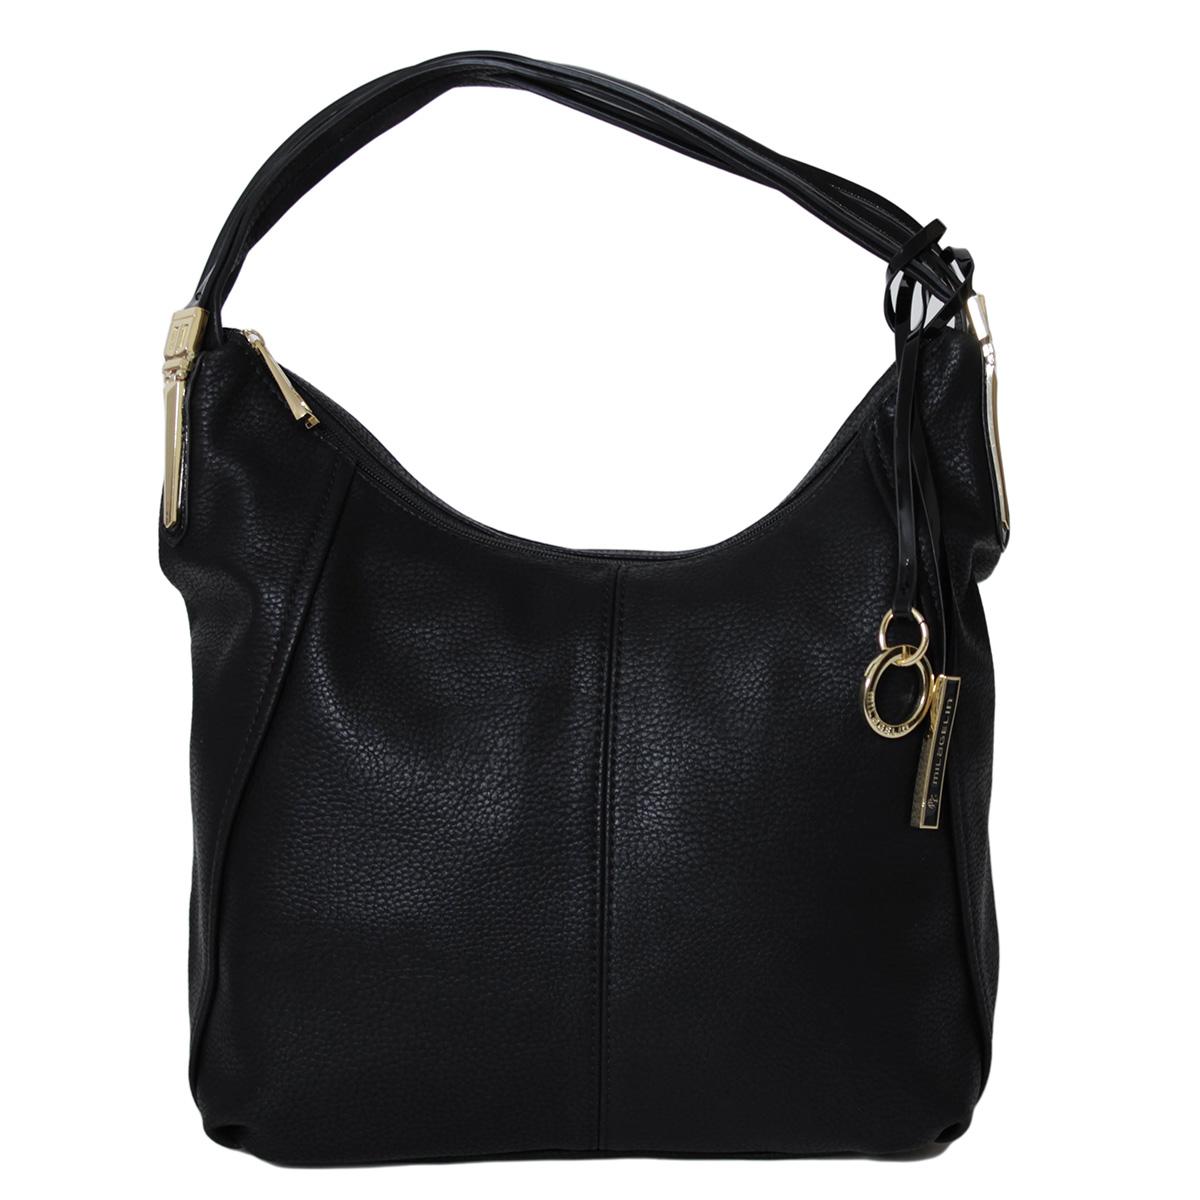 Сумка женская Flioraj, цвет: черный. 0005245100052451Закрывается на молнию. Внутри два отделения, один карман на молнии, два открытых кармана. Снаружи один карман на молнии. Высота ручки - 30 см.